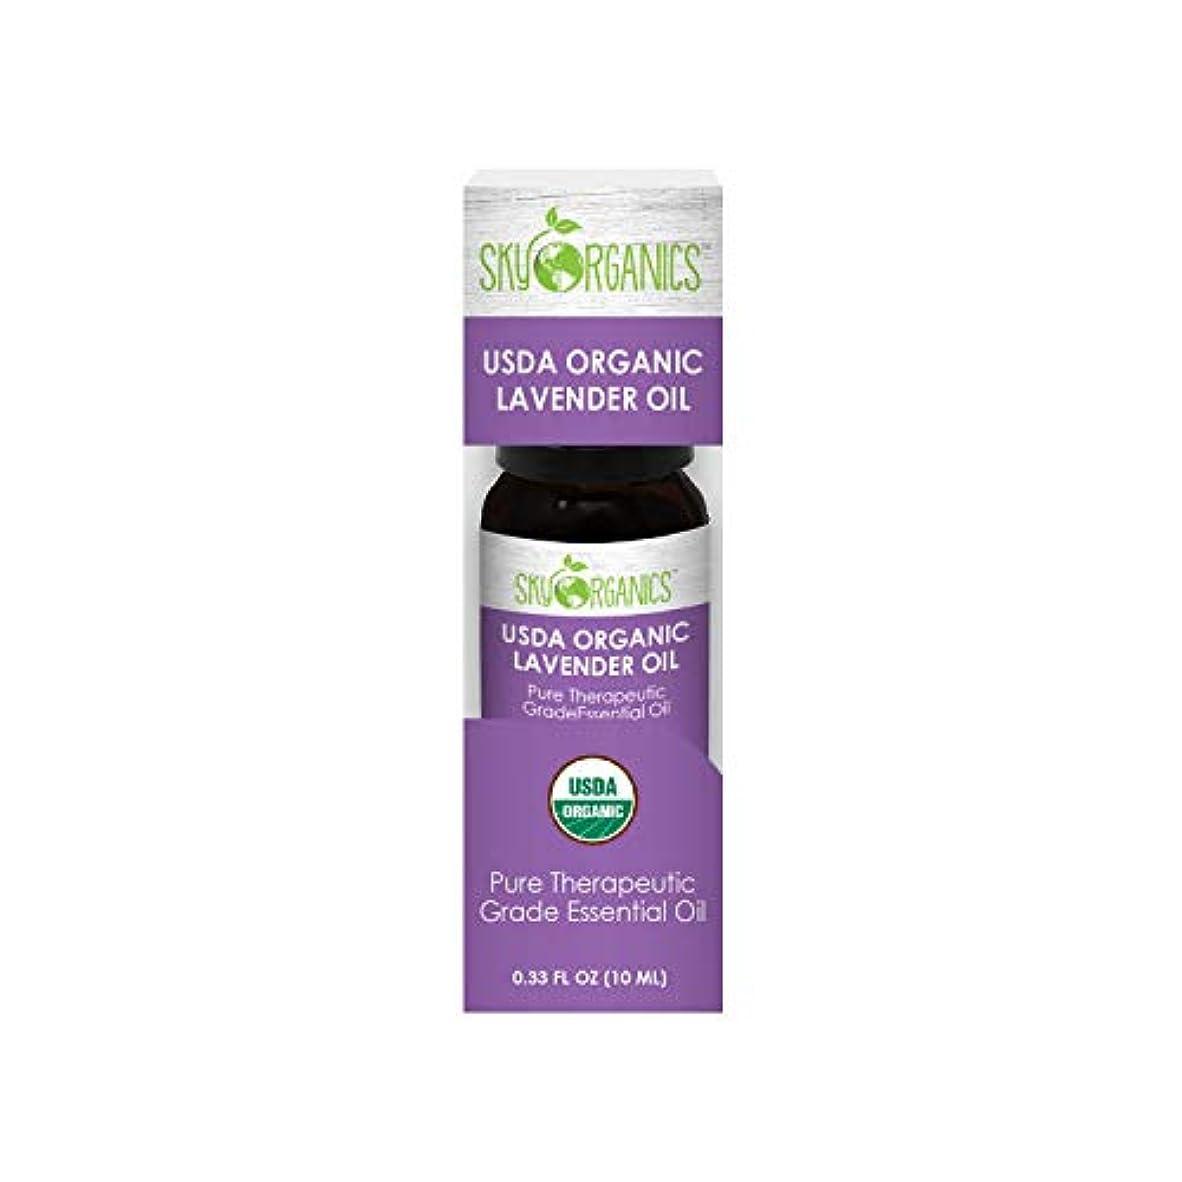 チェリー伝統的白鳥認定エッセンシャルオイル Lavender Oil Sky Organics USDAオーガニックラベンダーオイル-10 ml-ピュアセラピューティックグレードのエッセンシャルオイル-ディフューザー、アロマセラピー、マッサージオイル、DIY